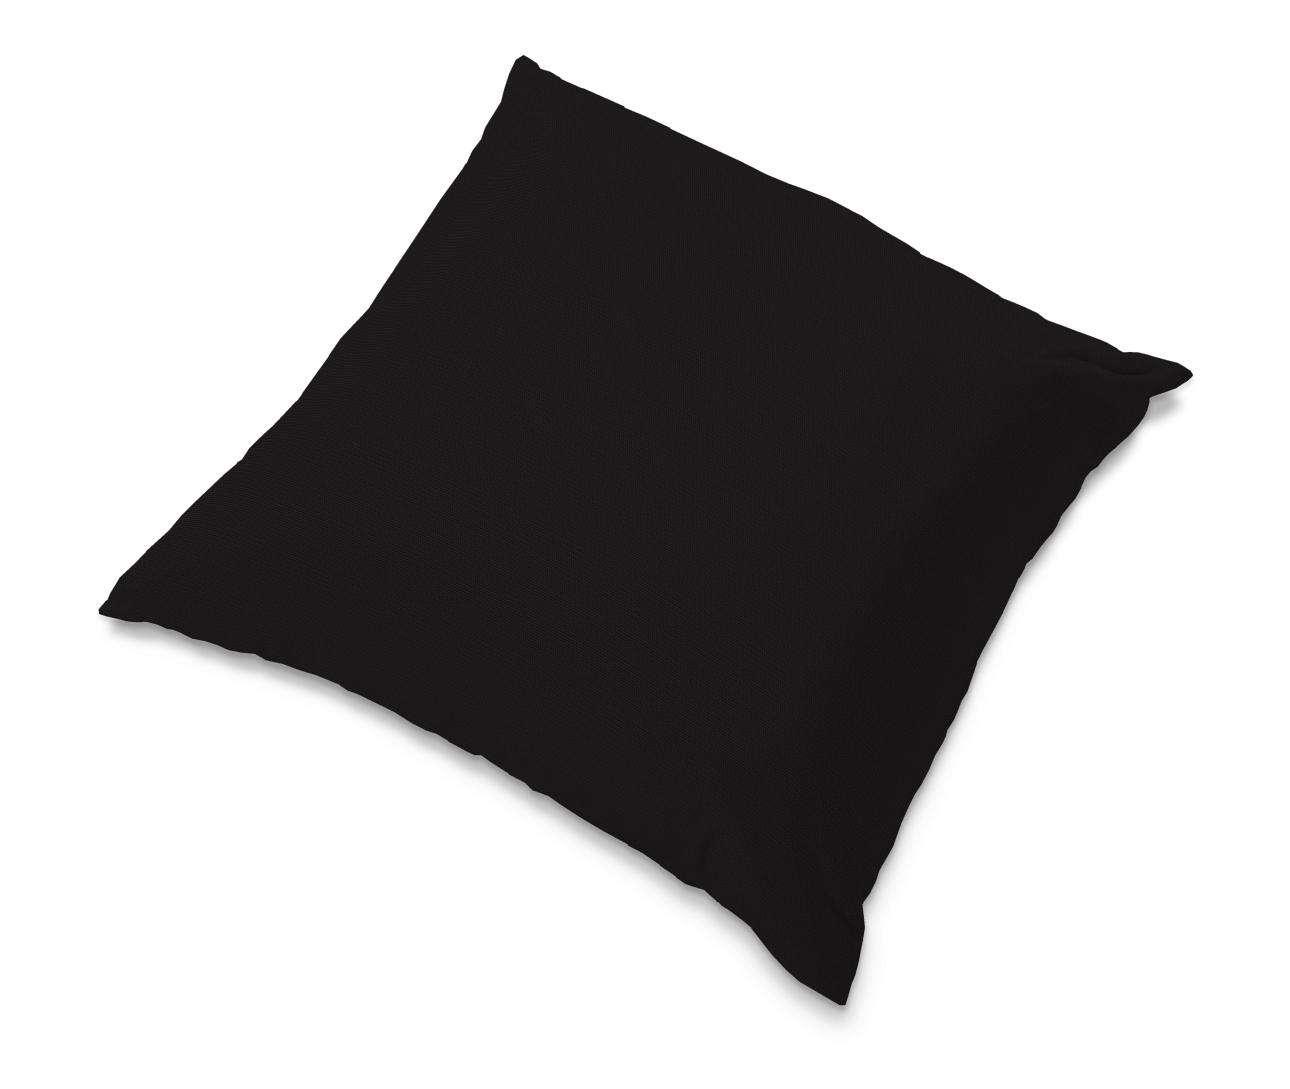 TOMELILLA pagalvėlės užvalkalas 55 x 55 cm kolekcijoje Cotton Panama, audinys: 702-09